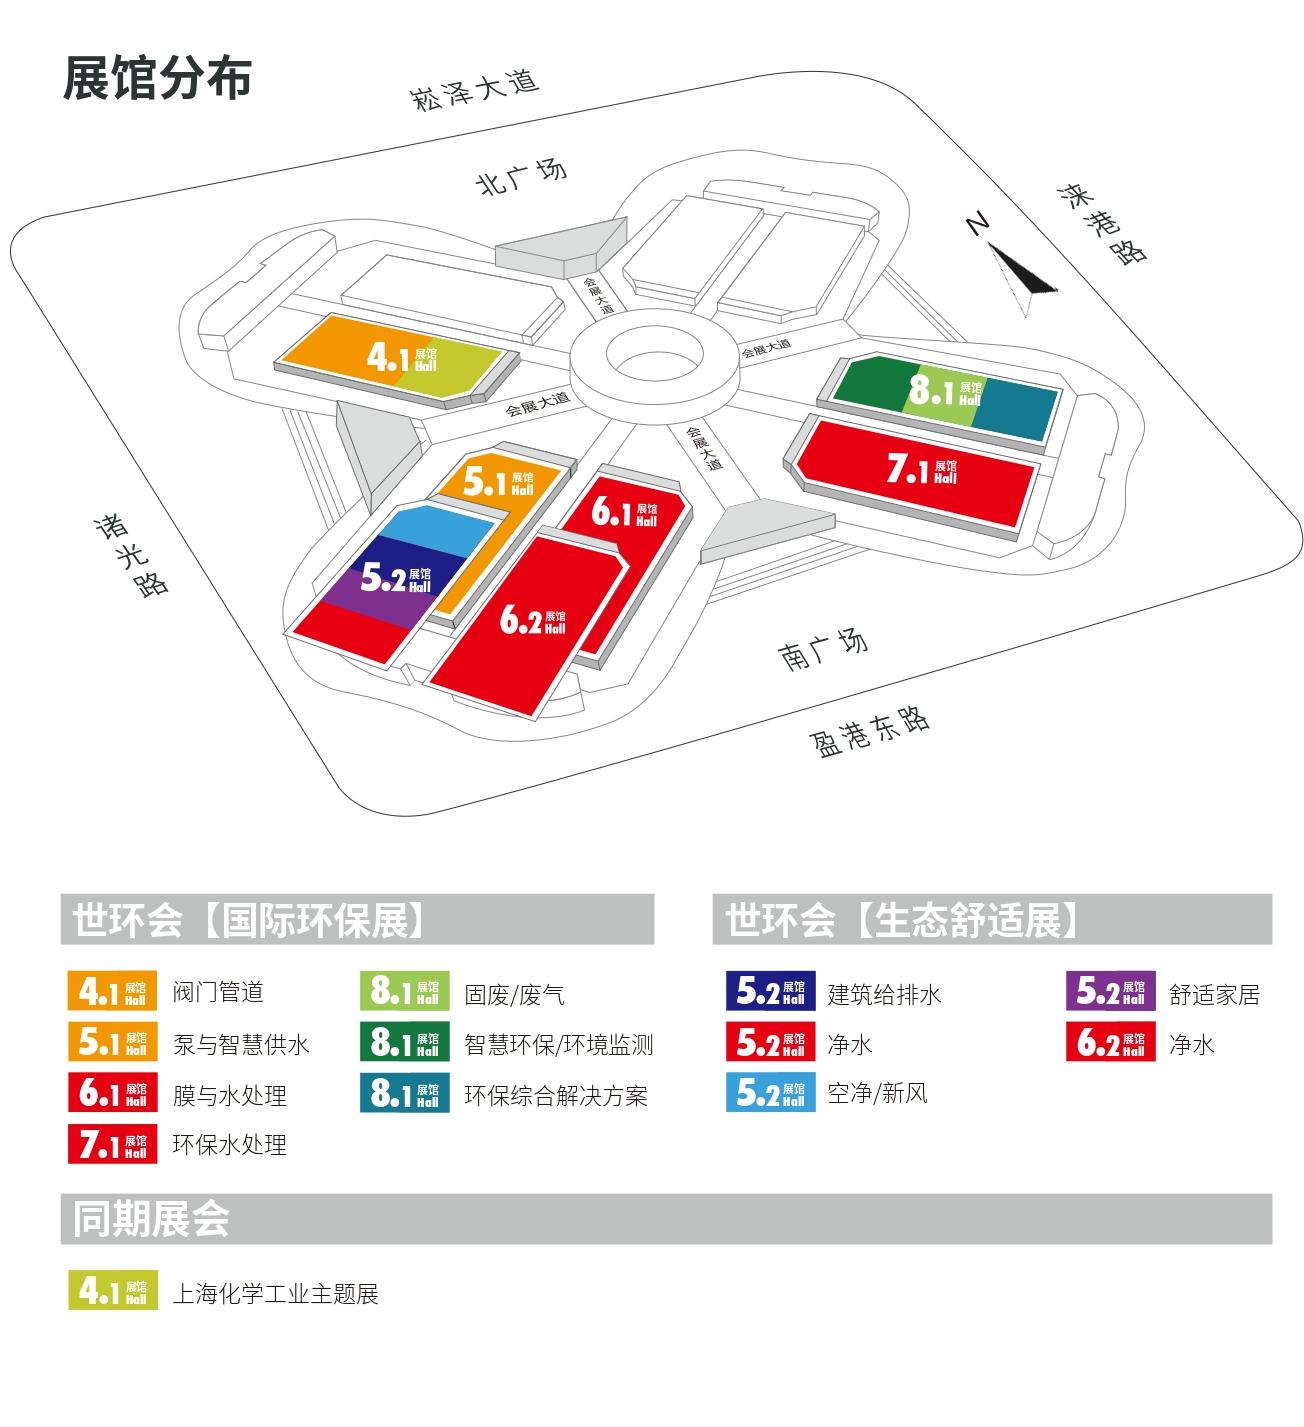 展馆分布-上海空气新风展 AIRVENTEC CHINA 2021.6.2-4 新风系统 通风设备 空气净化